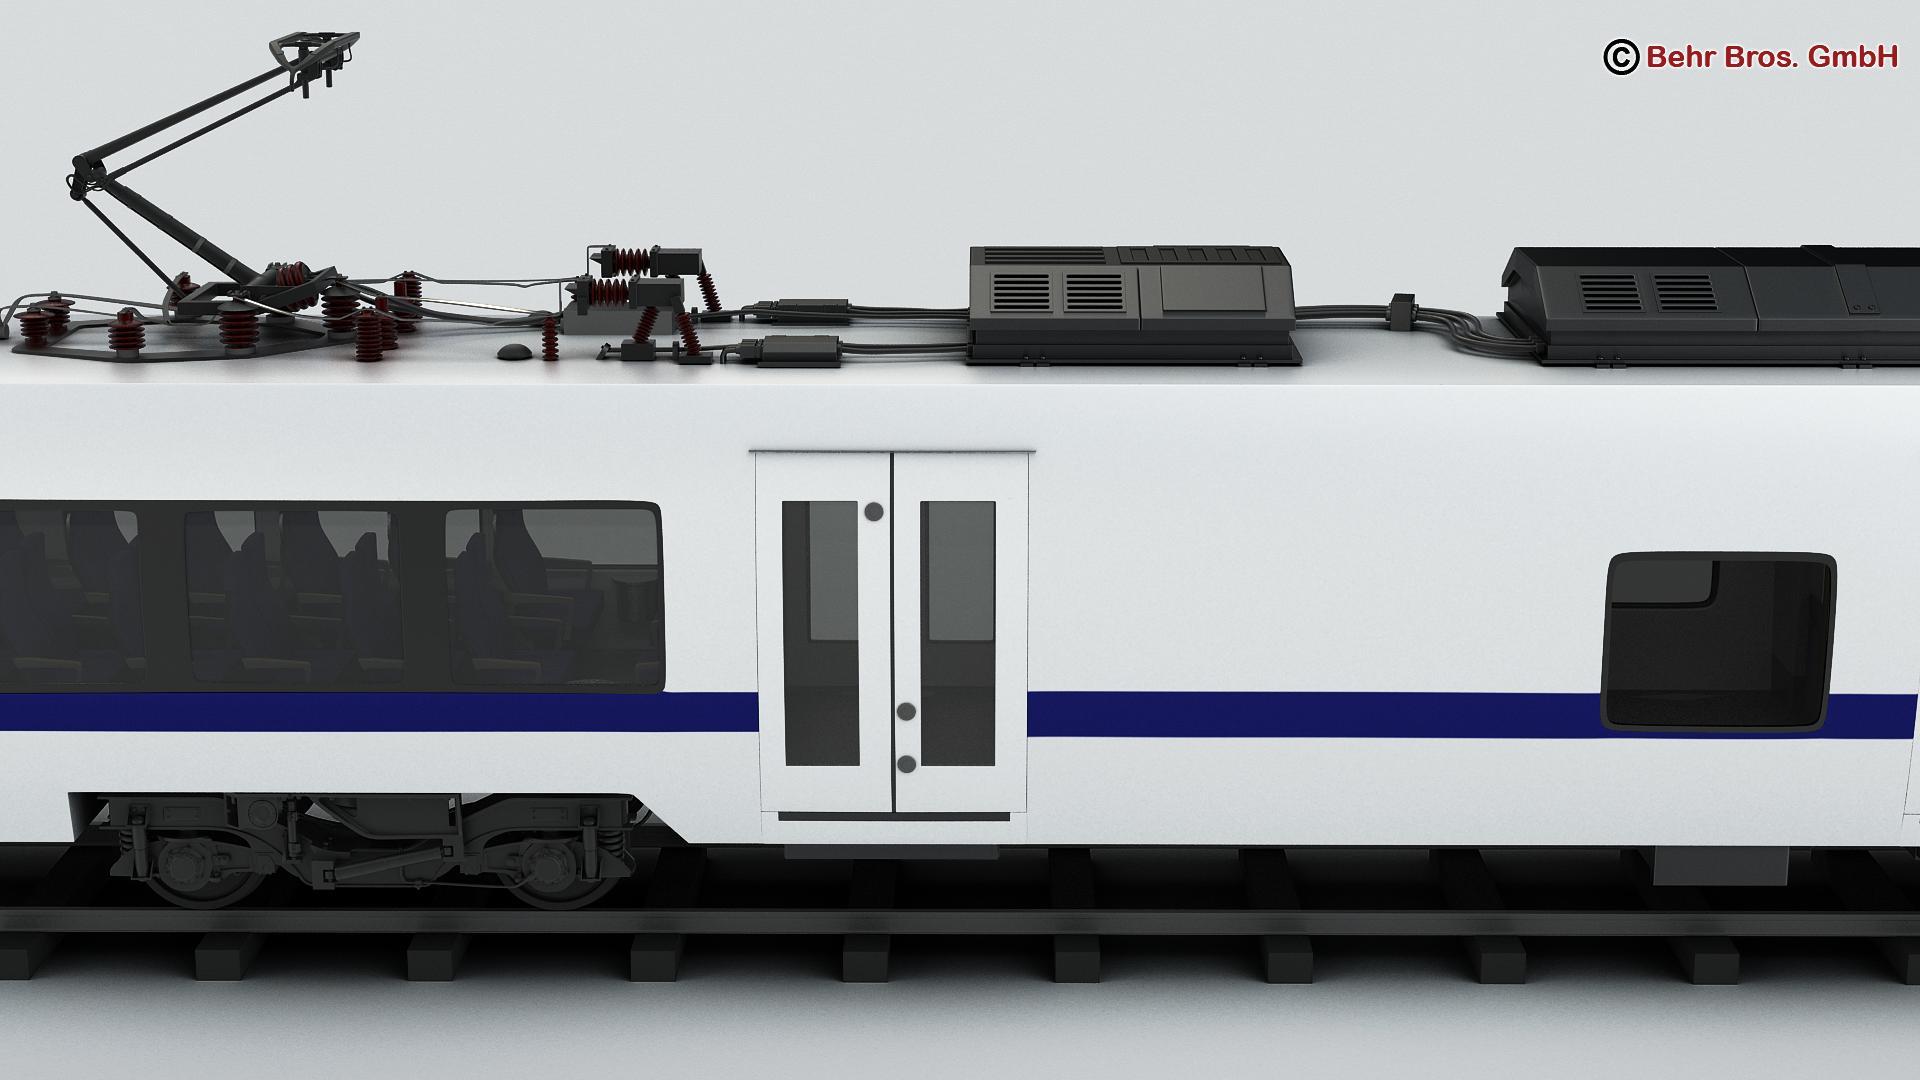 generic commuter train 3d model 3ds max fbx c4d ma mb obj 206618